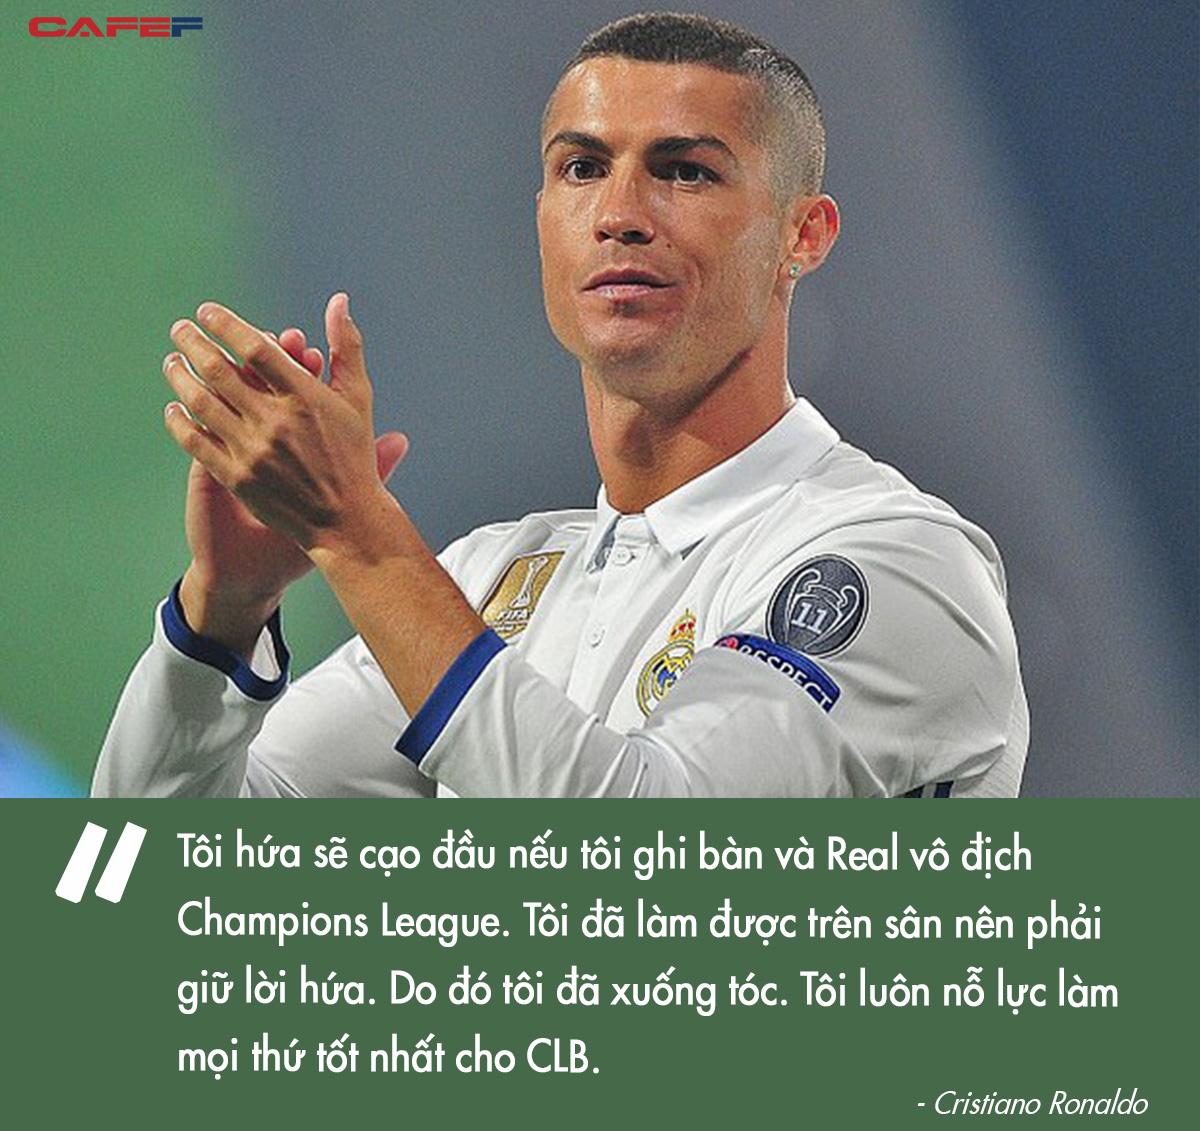 Đàn ông bản lĩnh phải quân tử nhất ngôn như Ronaldo, đã nói là làm: Thề không bao giờ gia nhập Man City, dám cạo đầu nếu vô địch, hứa ghi bàn tặng fan nhí ung thư - Ảnh 4.